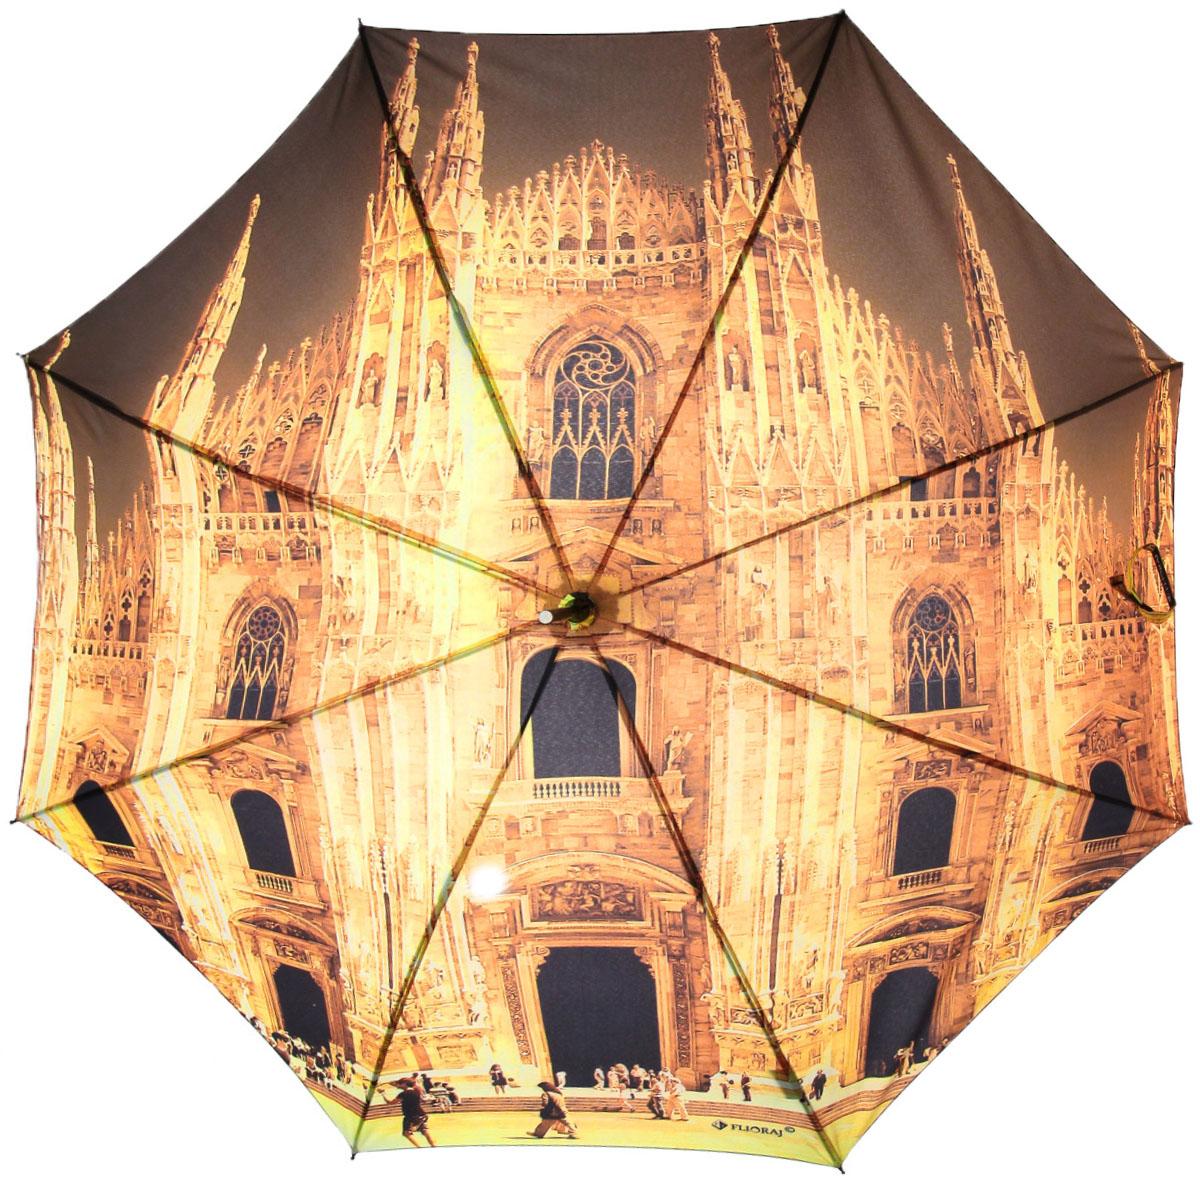 Зонт-трость Flioraj Миланский собор, полуавтомат, оранжевый012-9 FJЭлегантный полуавтоматический зонт-трость Flioraj Миланский собор даже в ненастную погоду позволит вам подчеркнуть свою индивидуальность. Каркас зонта из анодированной стали состоит из восьми карбоновых спиц, а рукоятка закругленной формы разработана с учетом требований эргономики и покрыта искусственной кожей. Зонт снабжен системой Антиветер. Зонт имеет полуавтоматический механизм сложения: купол открывается нажатием кнопки на рукоятке, а закрывается вручную до характерного щелчка. Купол зонта выполнен из прочного полиэстера с тефлоновой пропиткой и оформлен оригинальным изображением знаменитого Миланского собора. Закрытый купол фиксируется хлястиком на кнопке. Такой зонт не только надежно защитит вас от дождя, но и станет стильным аксессуаром.